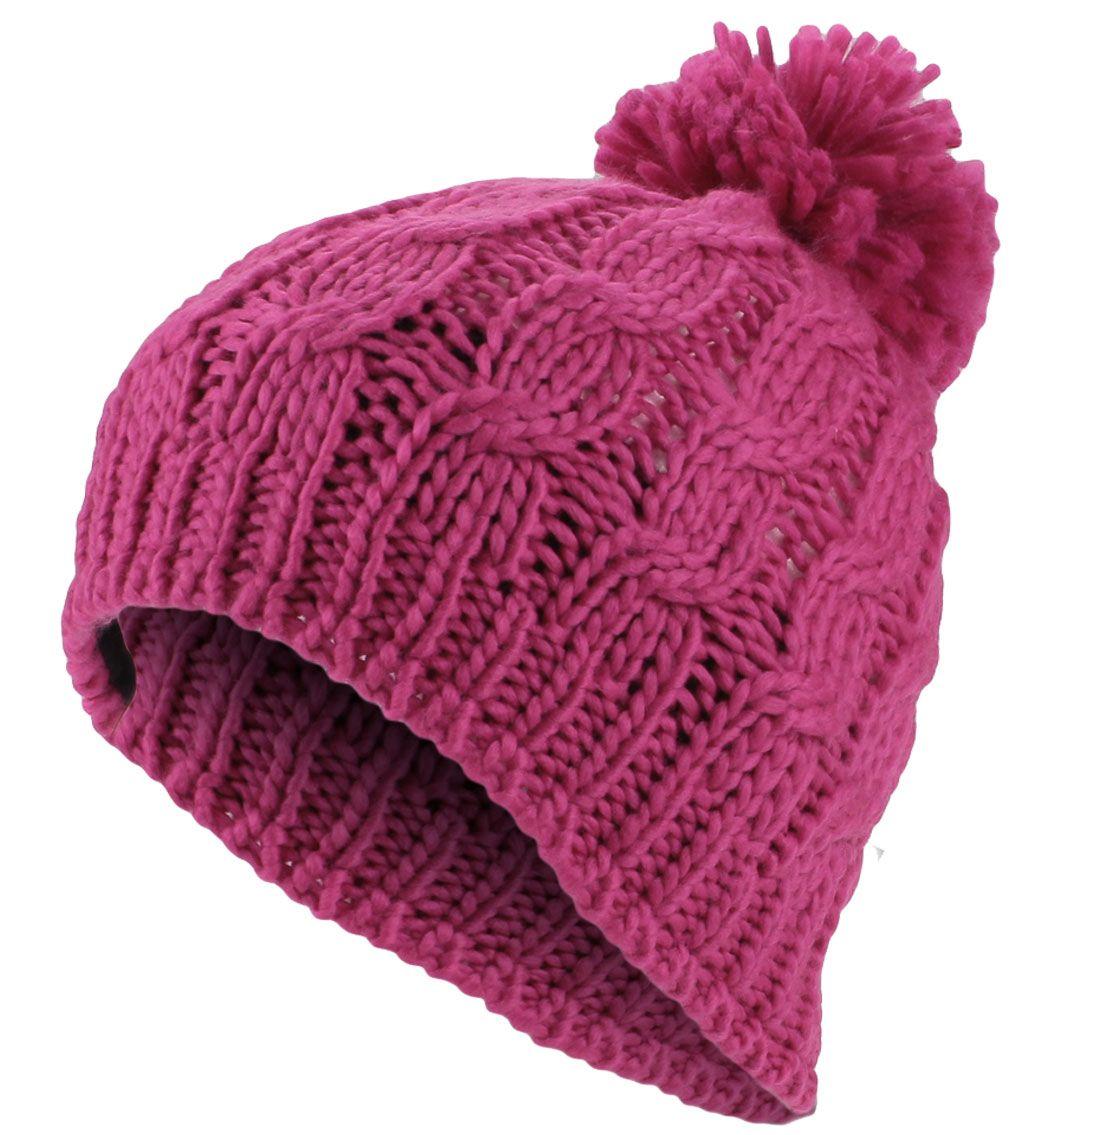 gorros de lana mujer con pompon - Buscar con Google  01c46d5a12a